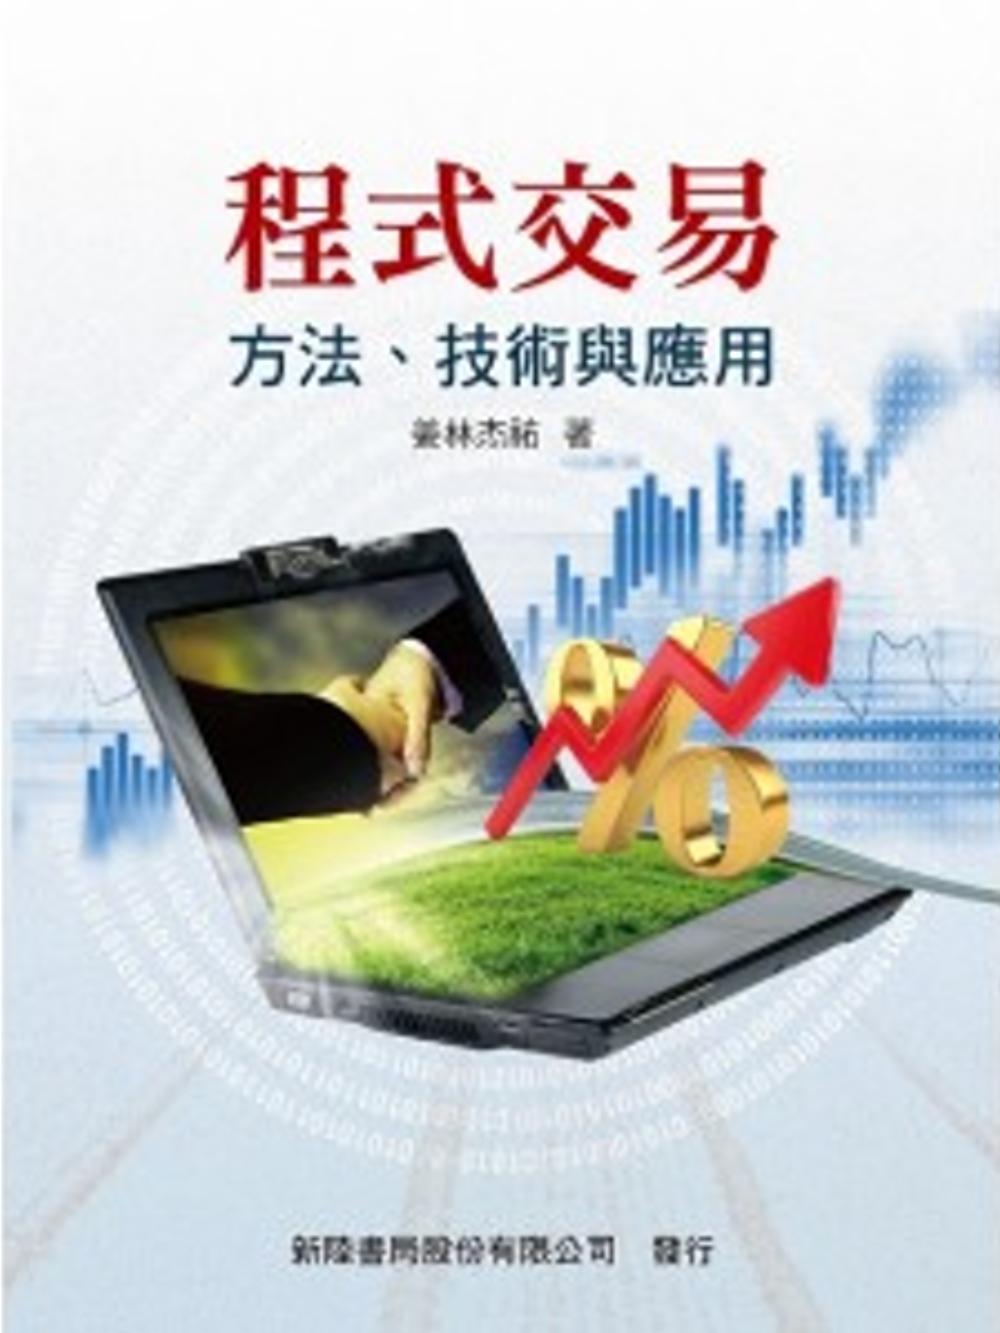 《程式交易:方法、技術與應用》 商品條碼,ISBN:9789869565288